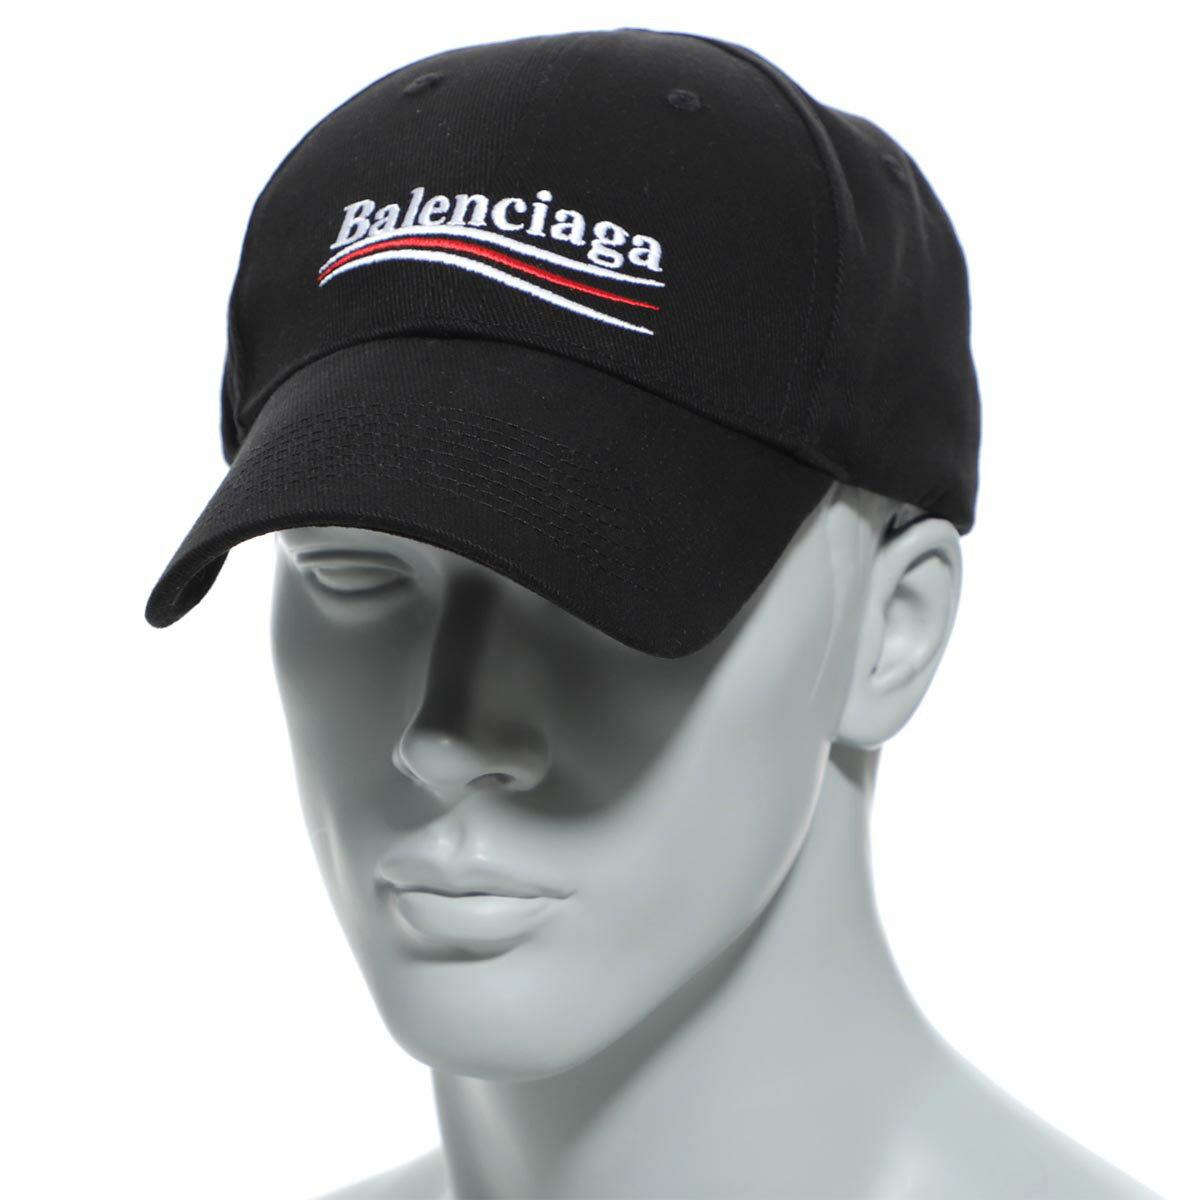 メンズ帽子, キャップ  BALENCIAGA 561018 410b2 1077 HAT POLITICAL BASEBALL CAP